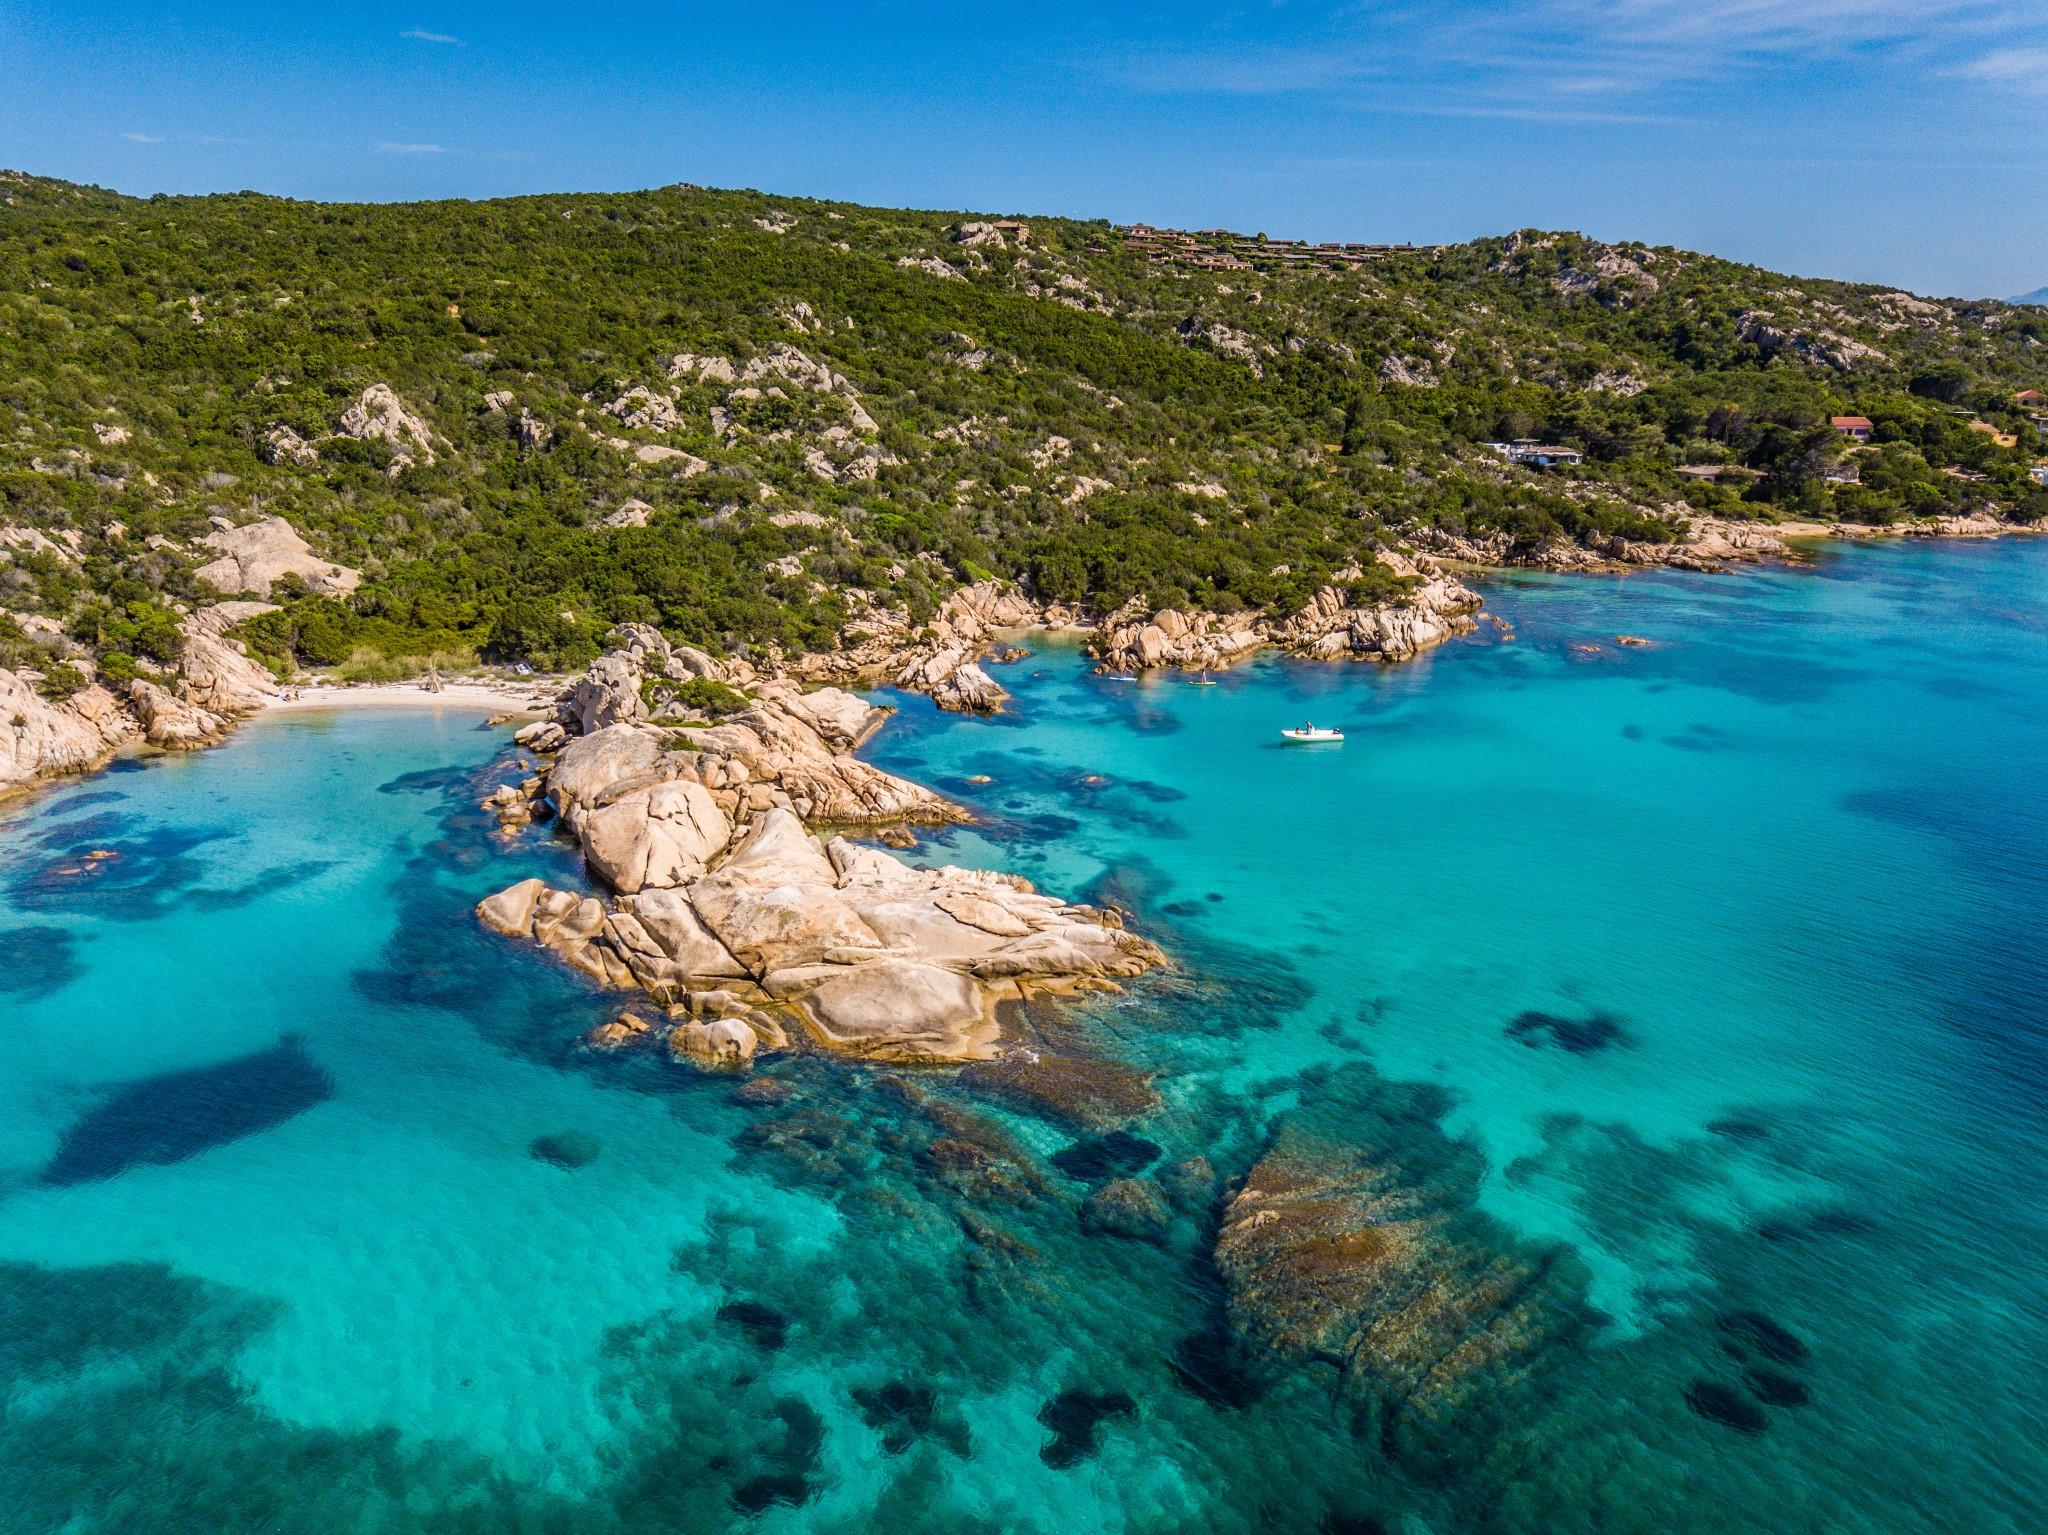 Spiaggia delle vacche and spiaggia della tartaruga at Cala Girgolu bay in San Teodoro, Sardinia.